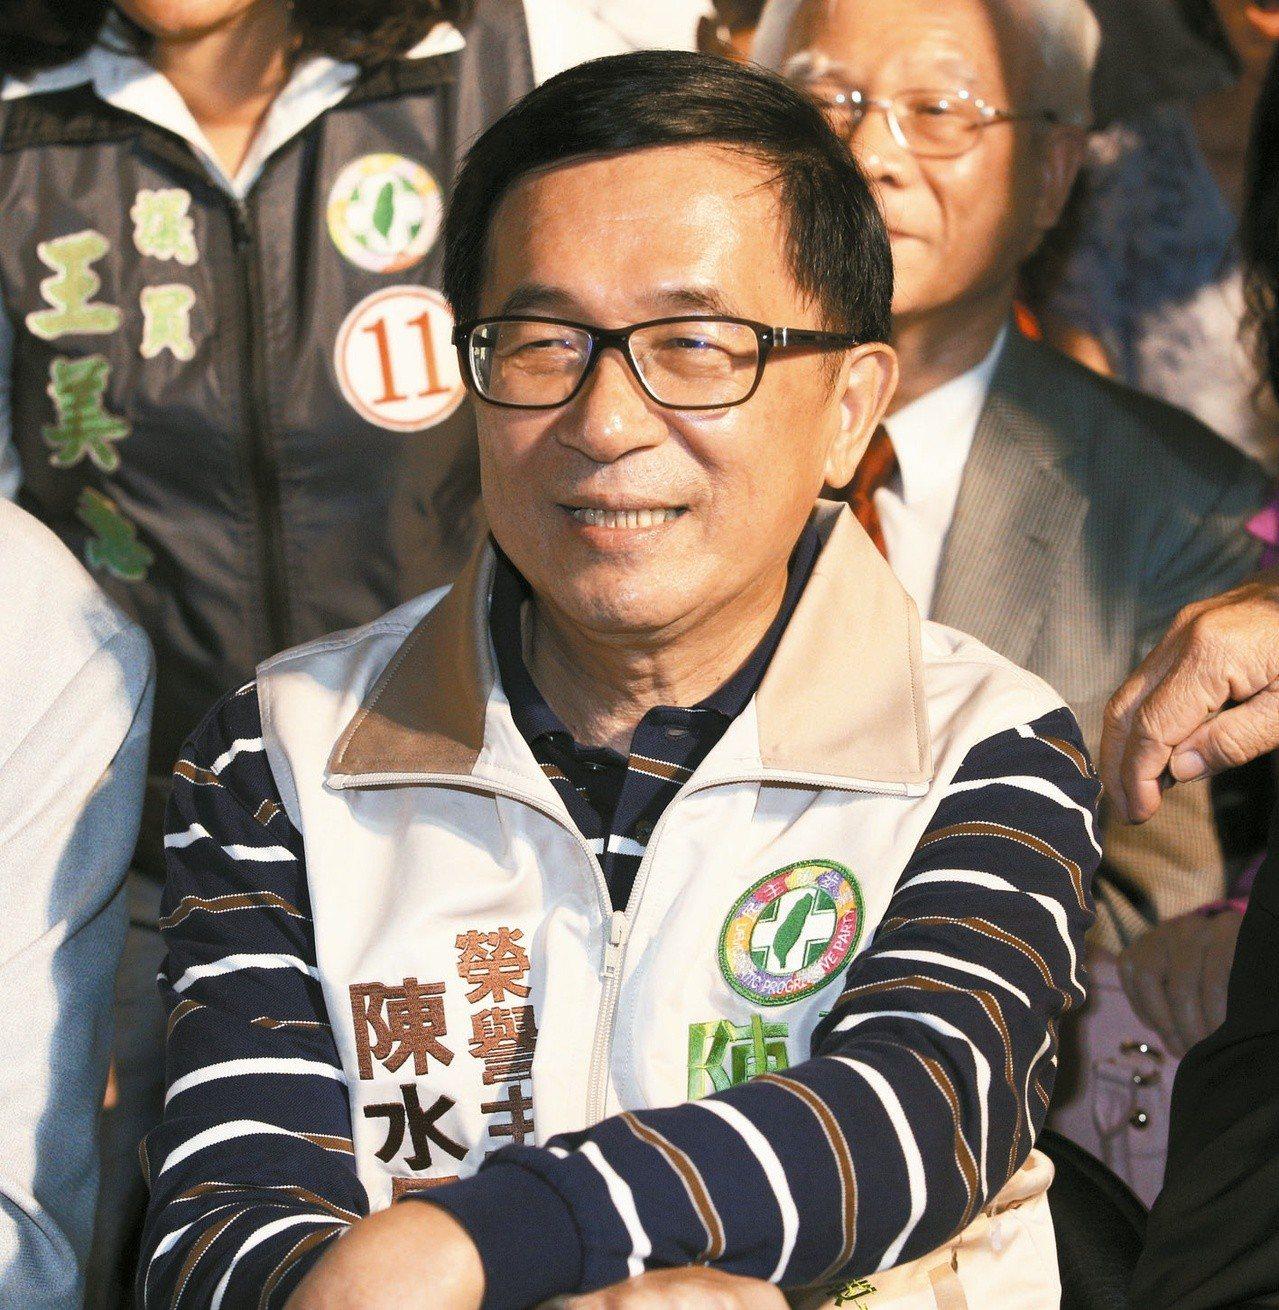 陳水扁前總統向台中監獄提出申請,要參加今晚晚會,台中監獄受理申請後,核准但要求「...